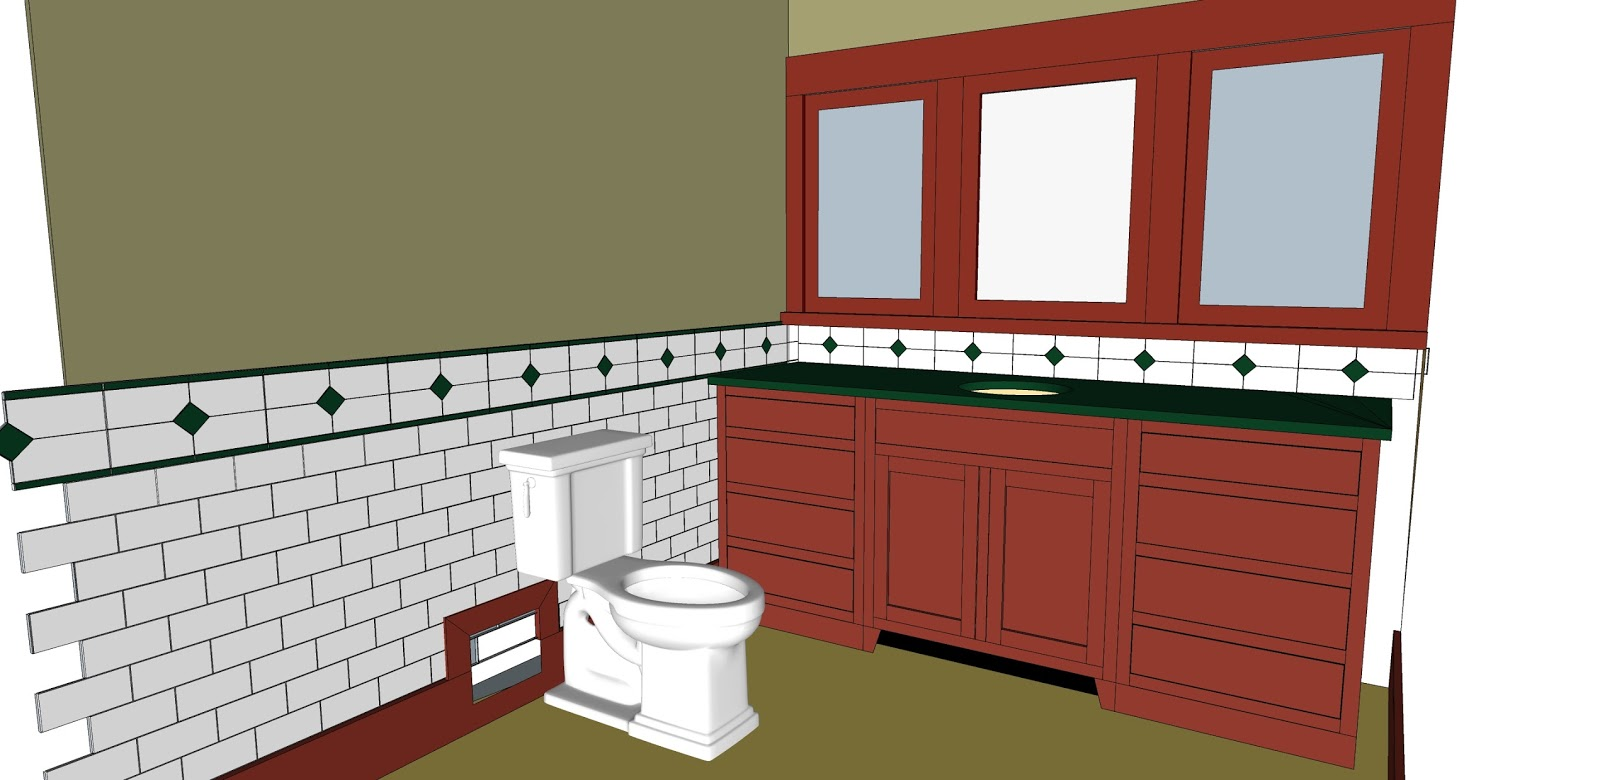 Laurelhurst craftsman bungalow struggling with sketchup for Sketchup bathroom sink